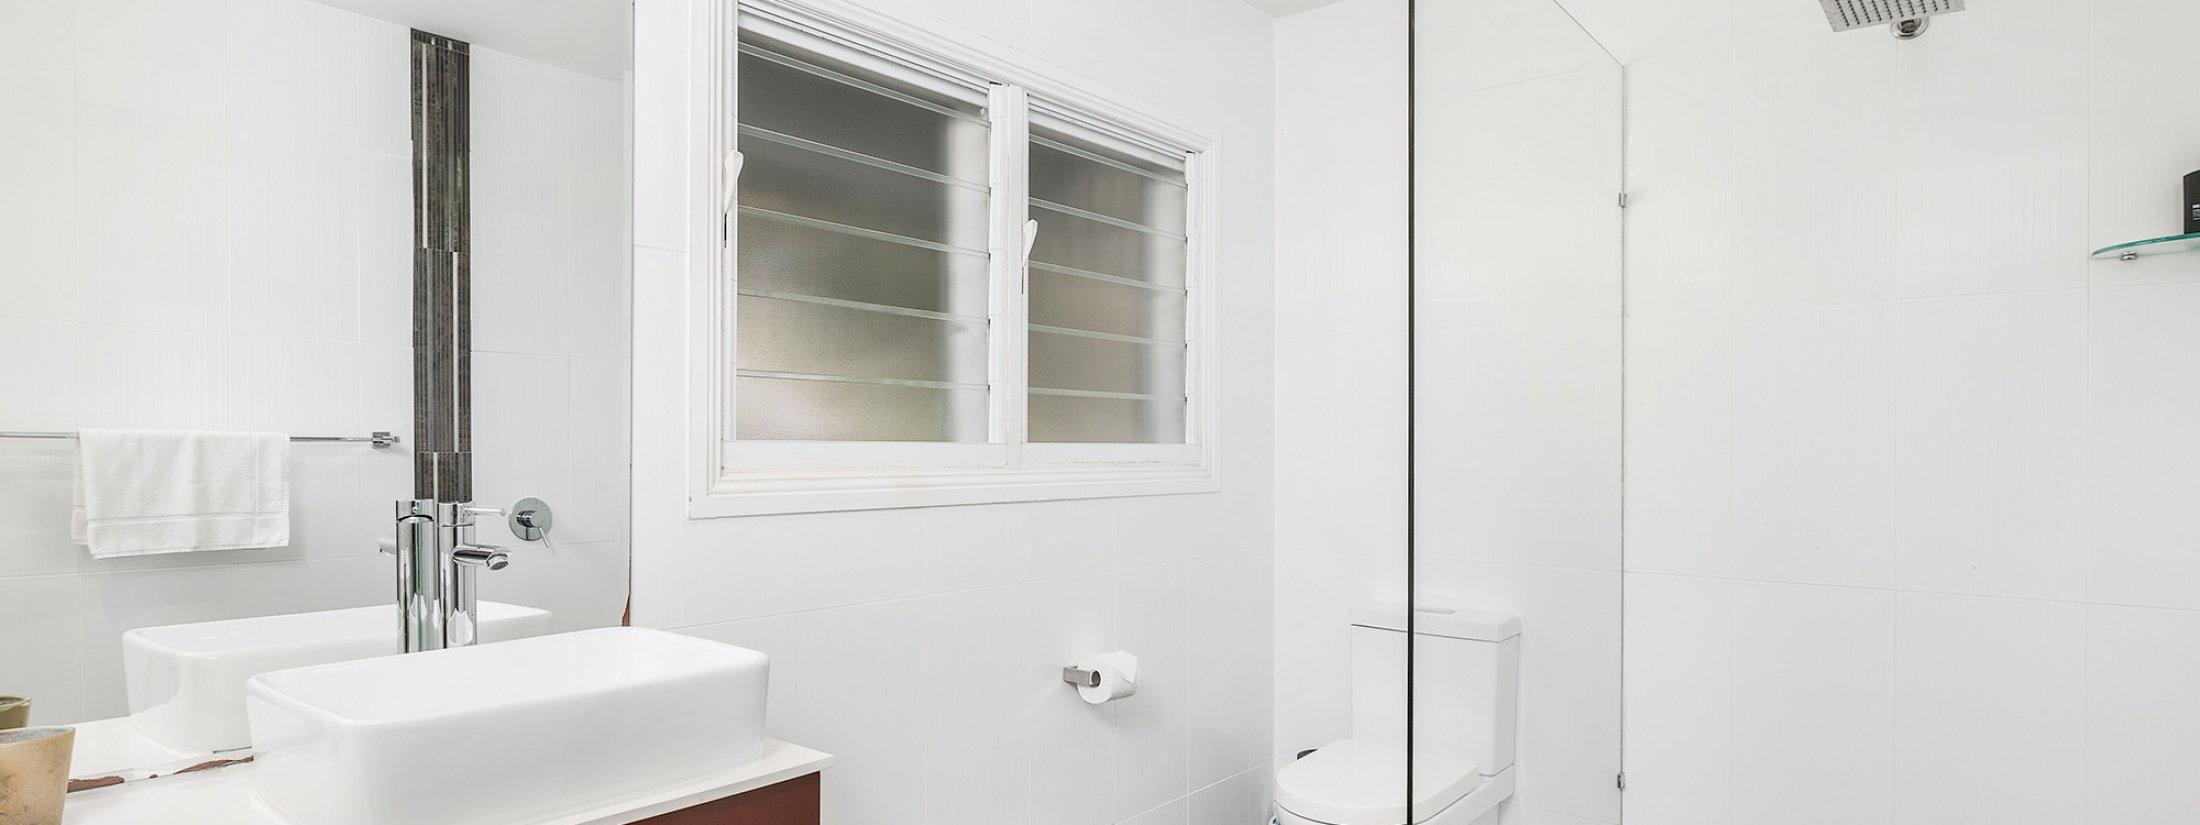 Aaloka Bay - Byron Bay - Bathroom